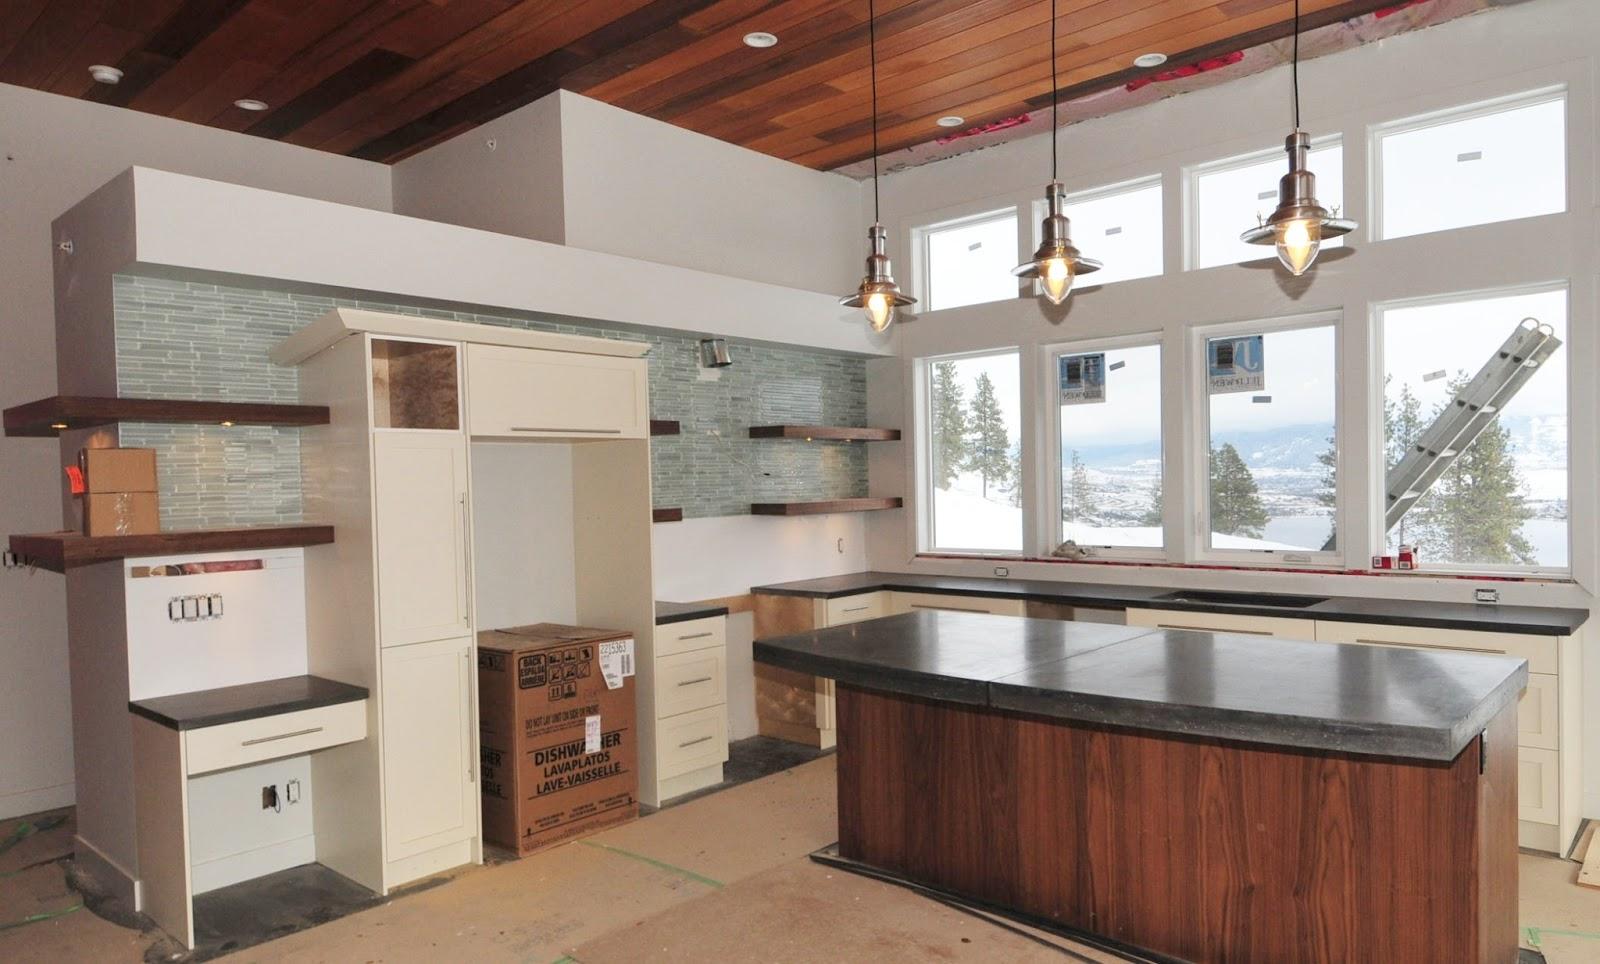 contemporary concrete kitchen modern kitchen countertops MODE CONCRETE Modern Kitchen with Concrete Countertops made in the Okanagan by MODE CONCRETE